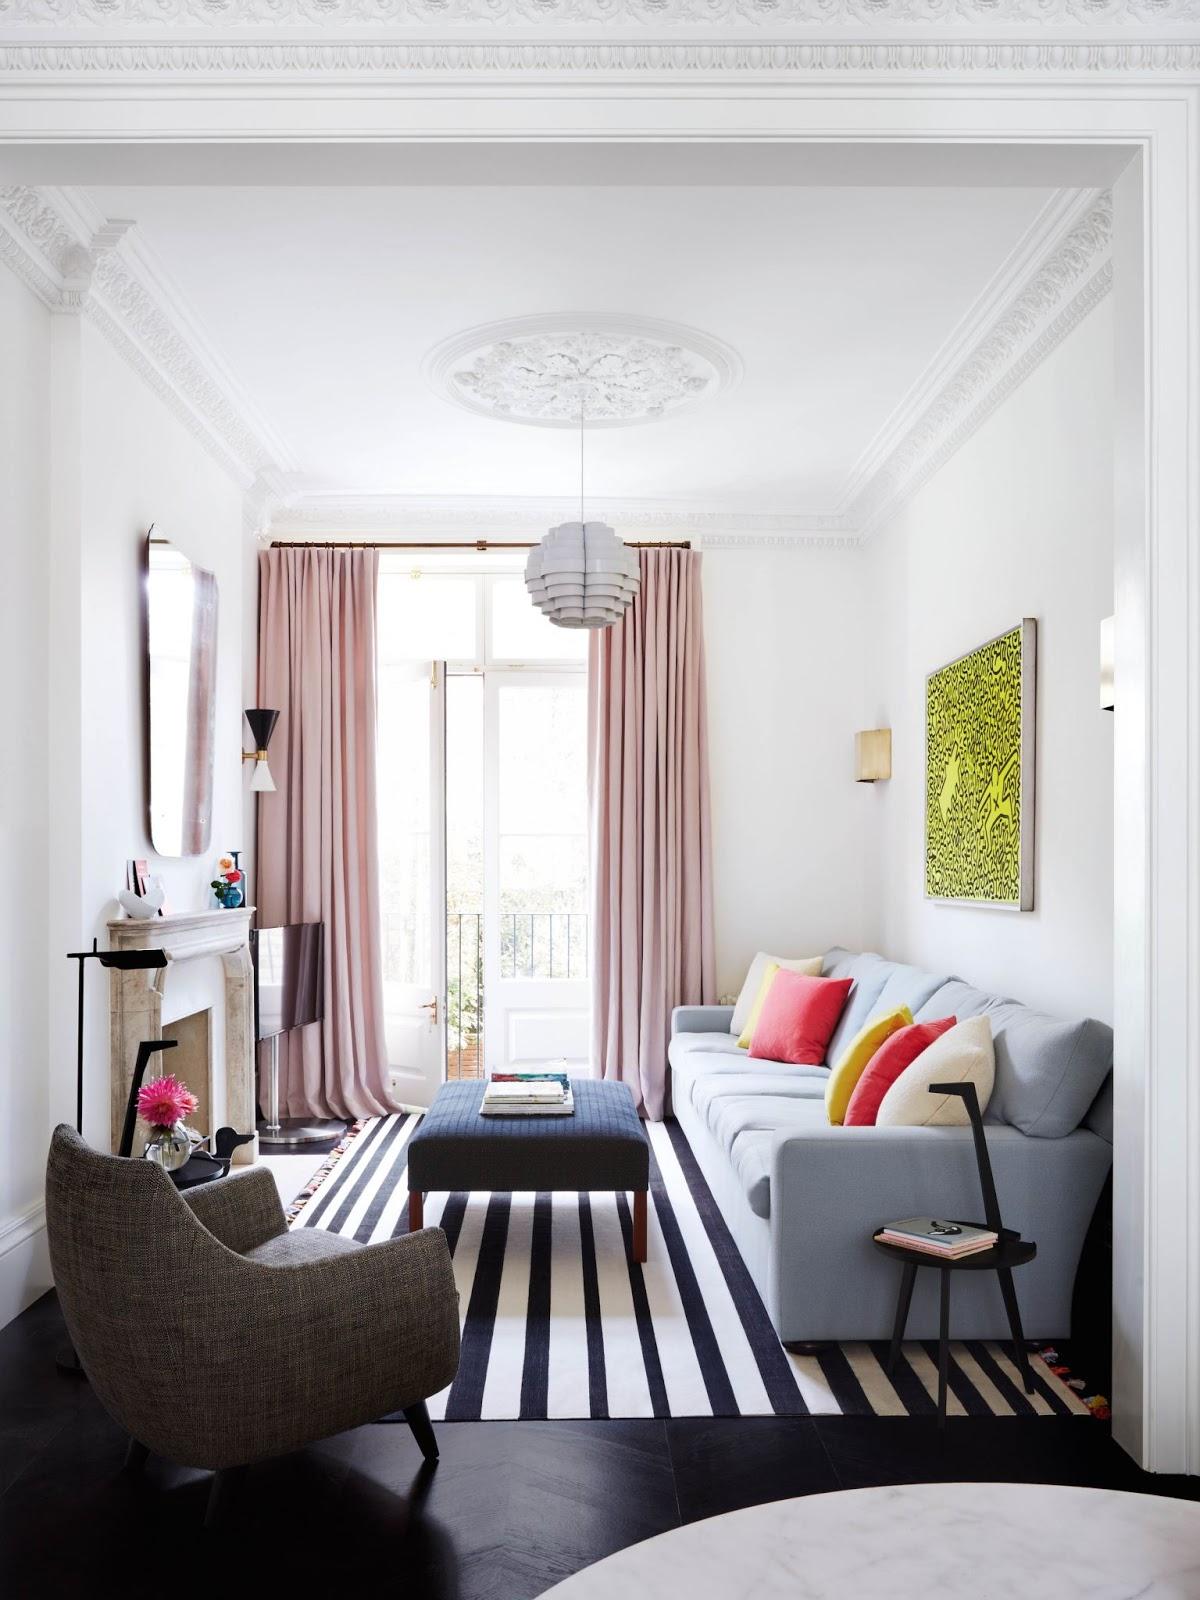 56 Desain Ruang Tamu Kecil Minimalis Sederhana Desainrumahnyacom